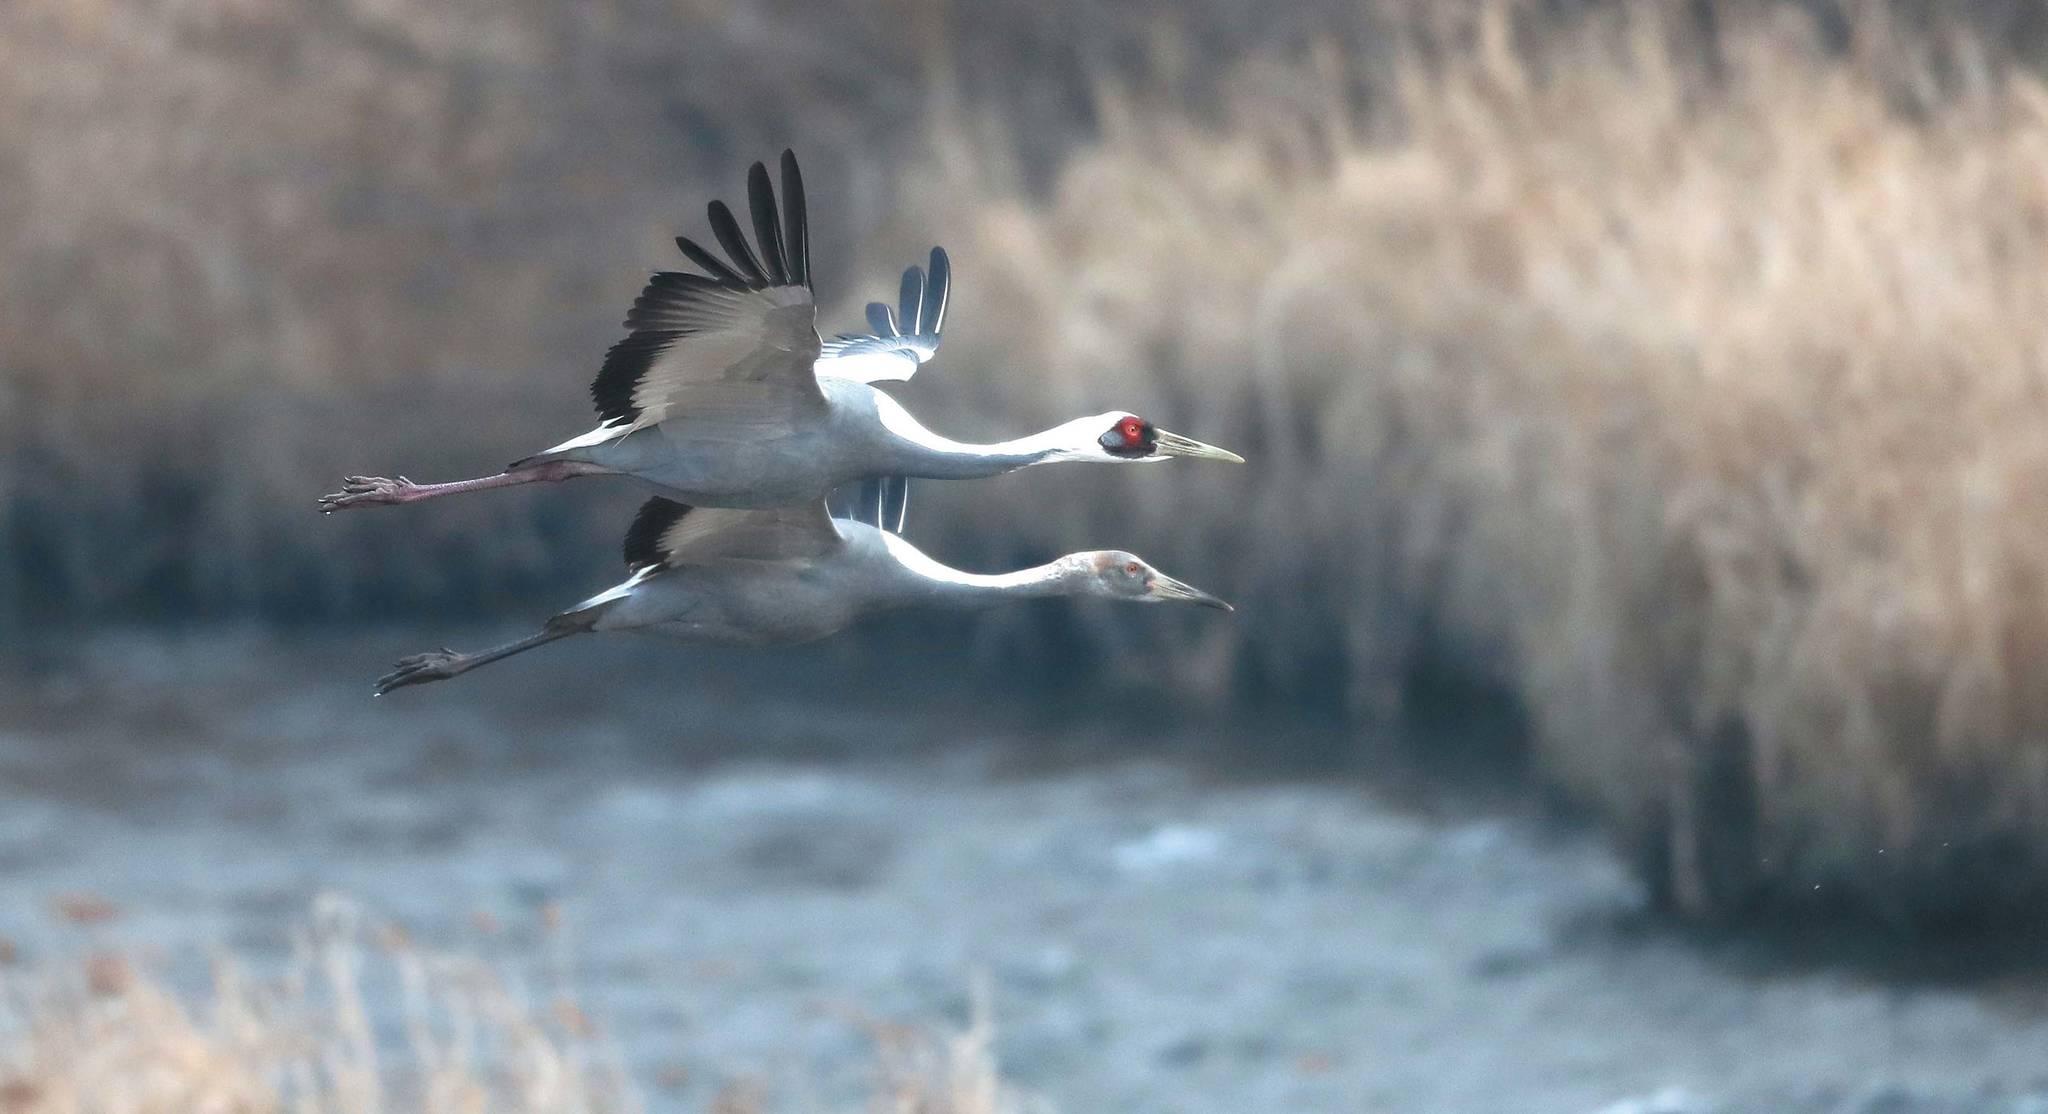 재두루미 어미와 새끼가 함께 한탄강 위를 날고 있다. 눈 주위가 붉은 게 어미다.